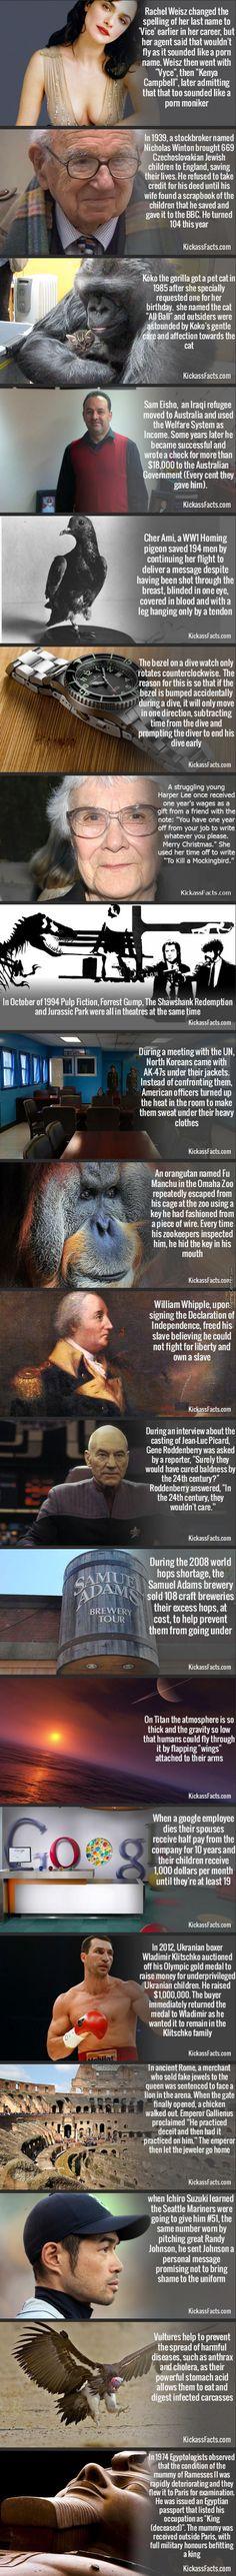 Kick ass facts #1